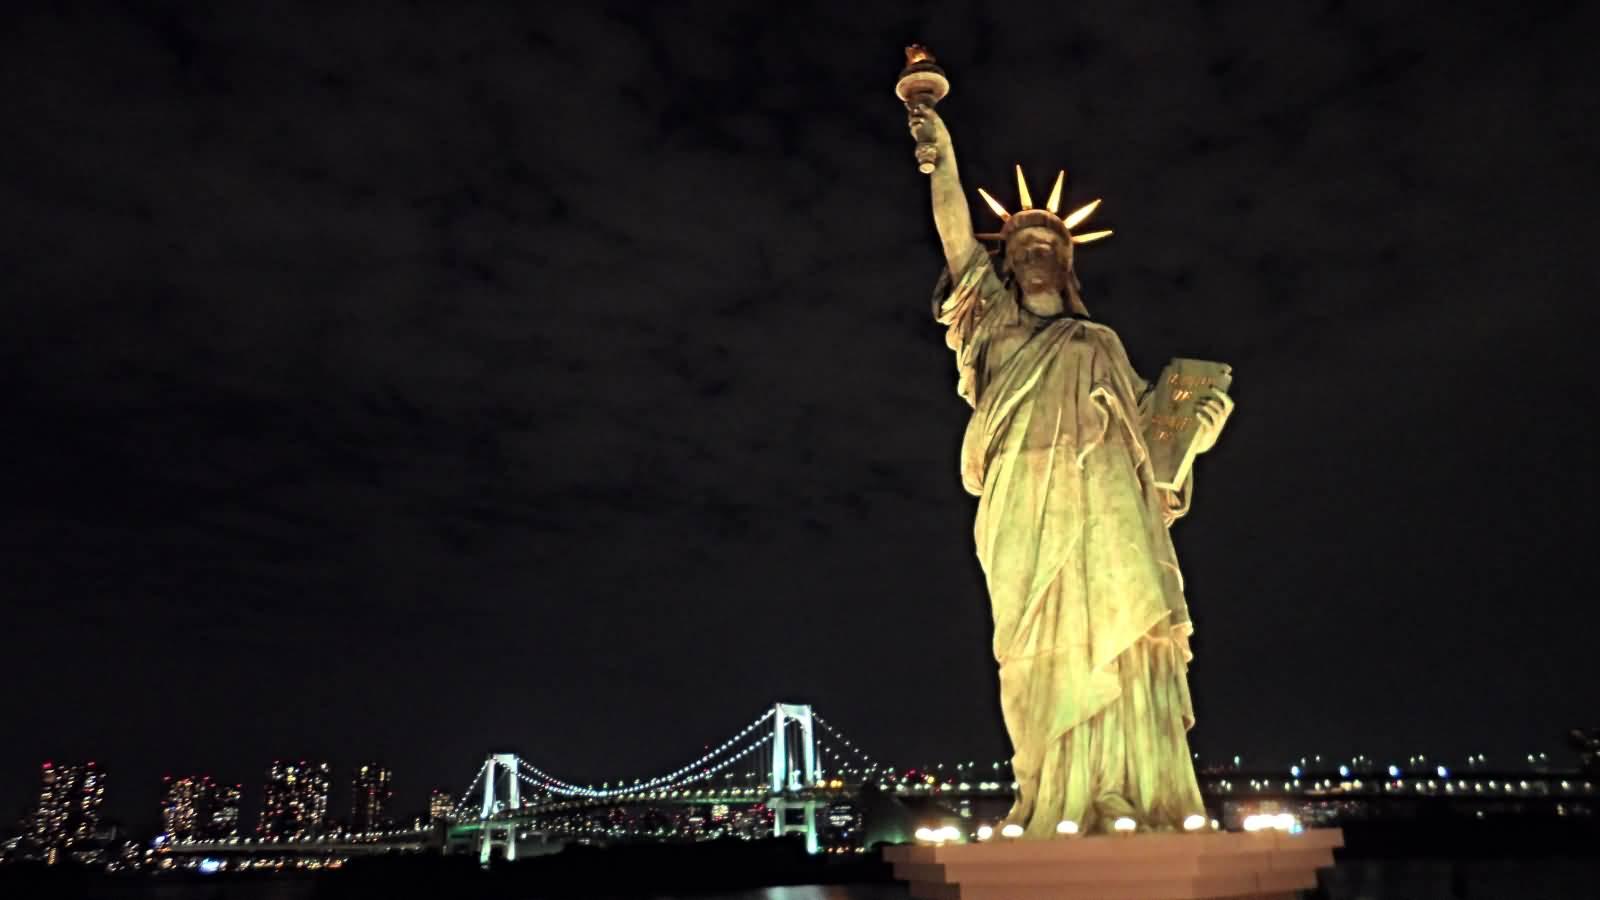 statue of liberty night - photo #36